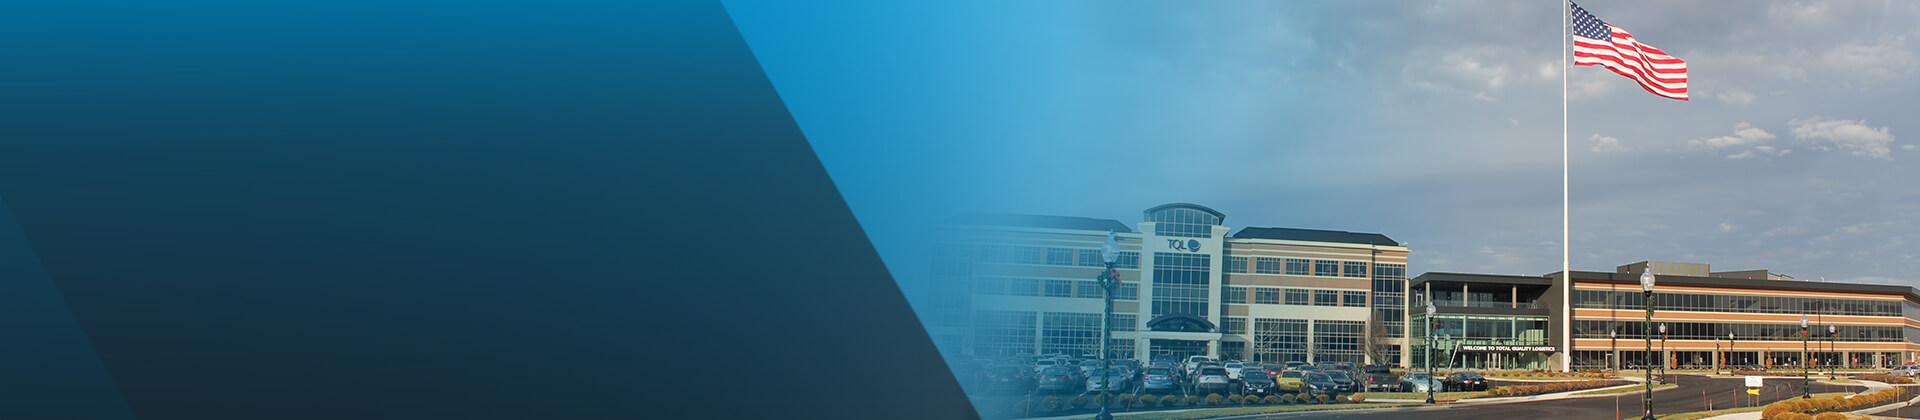 HQ Campus in Cincinnati, OH